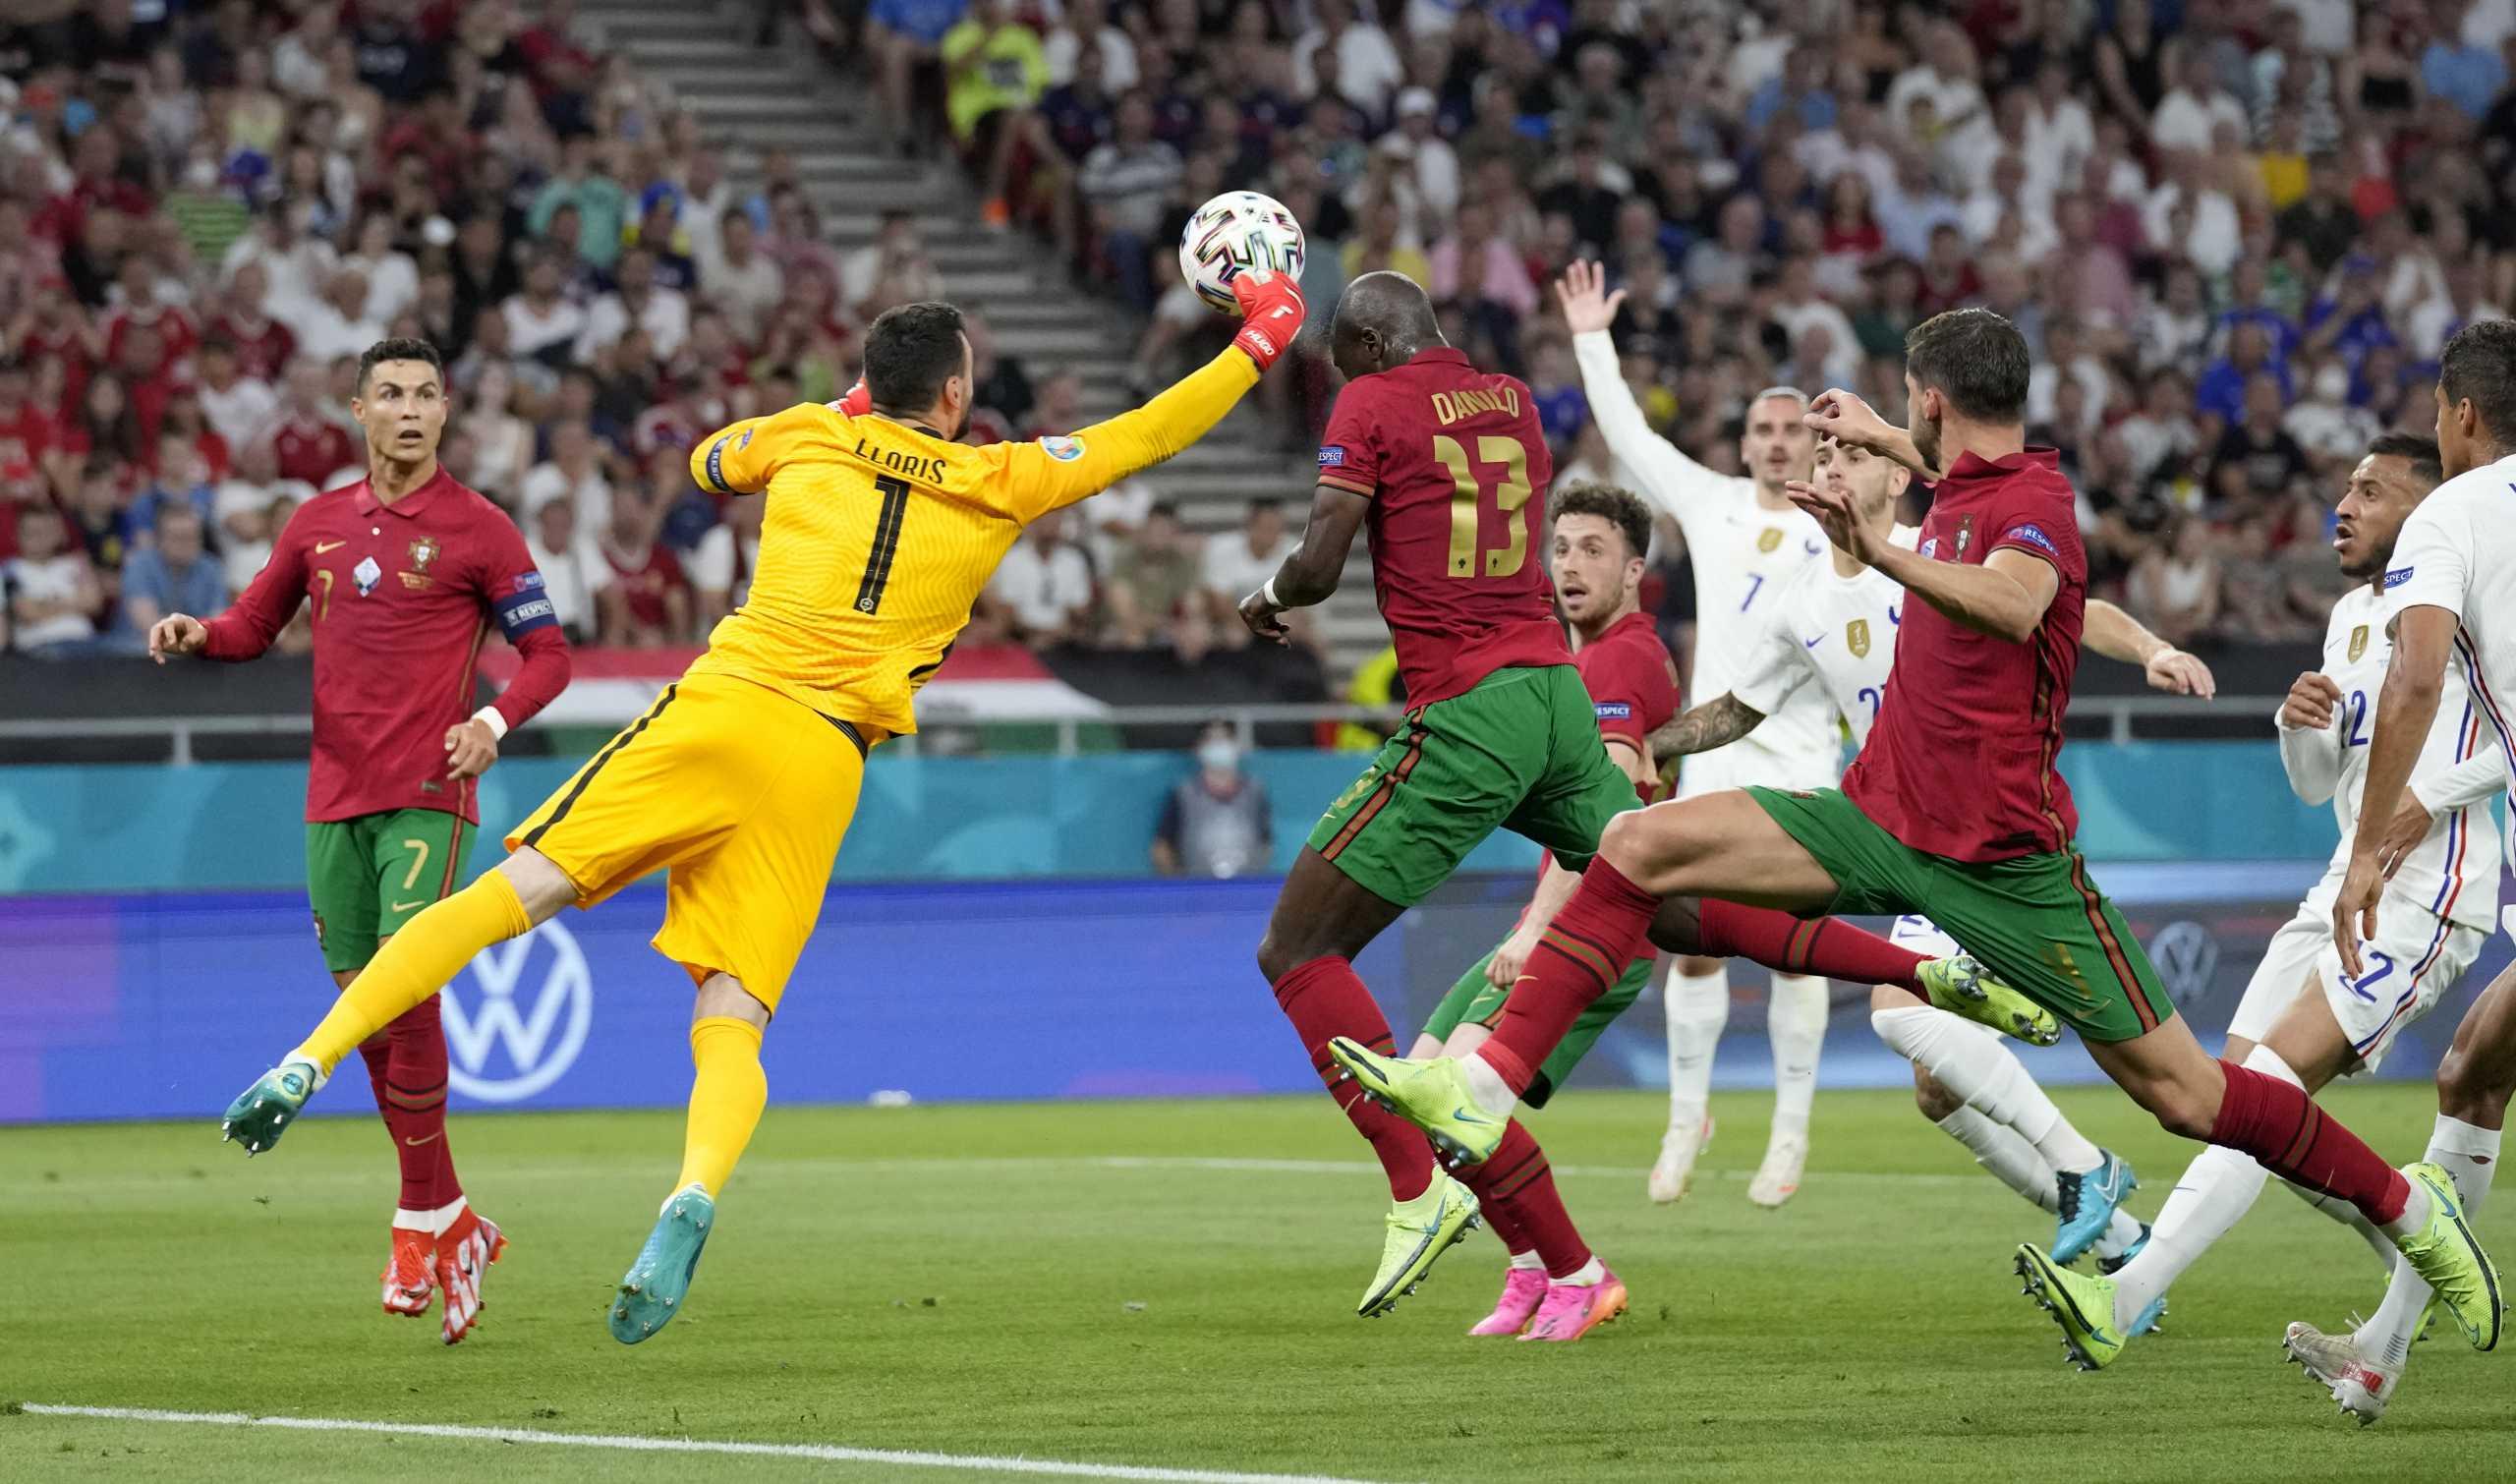 Euro 2020, Πορτογαλία – Γαλλία: Η γροθιά του Γιορίς που έφερε το γκολ του Ρονάλντο